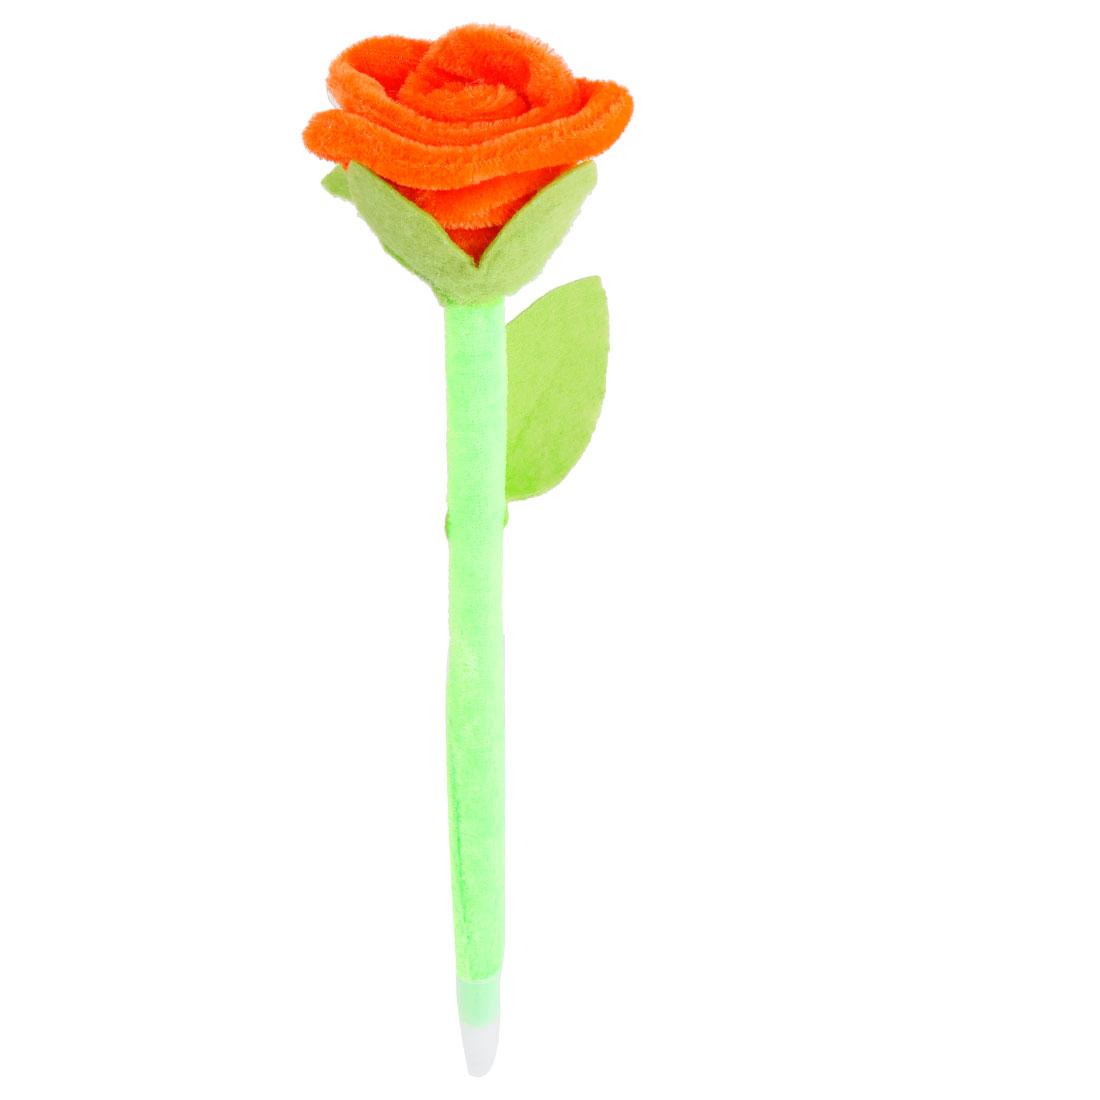 Students Prize Velvet Rose Flower Design Decor Ballpen Green Orange